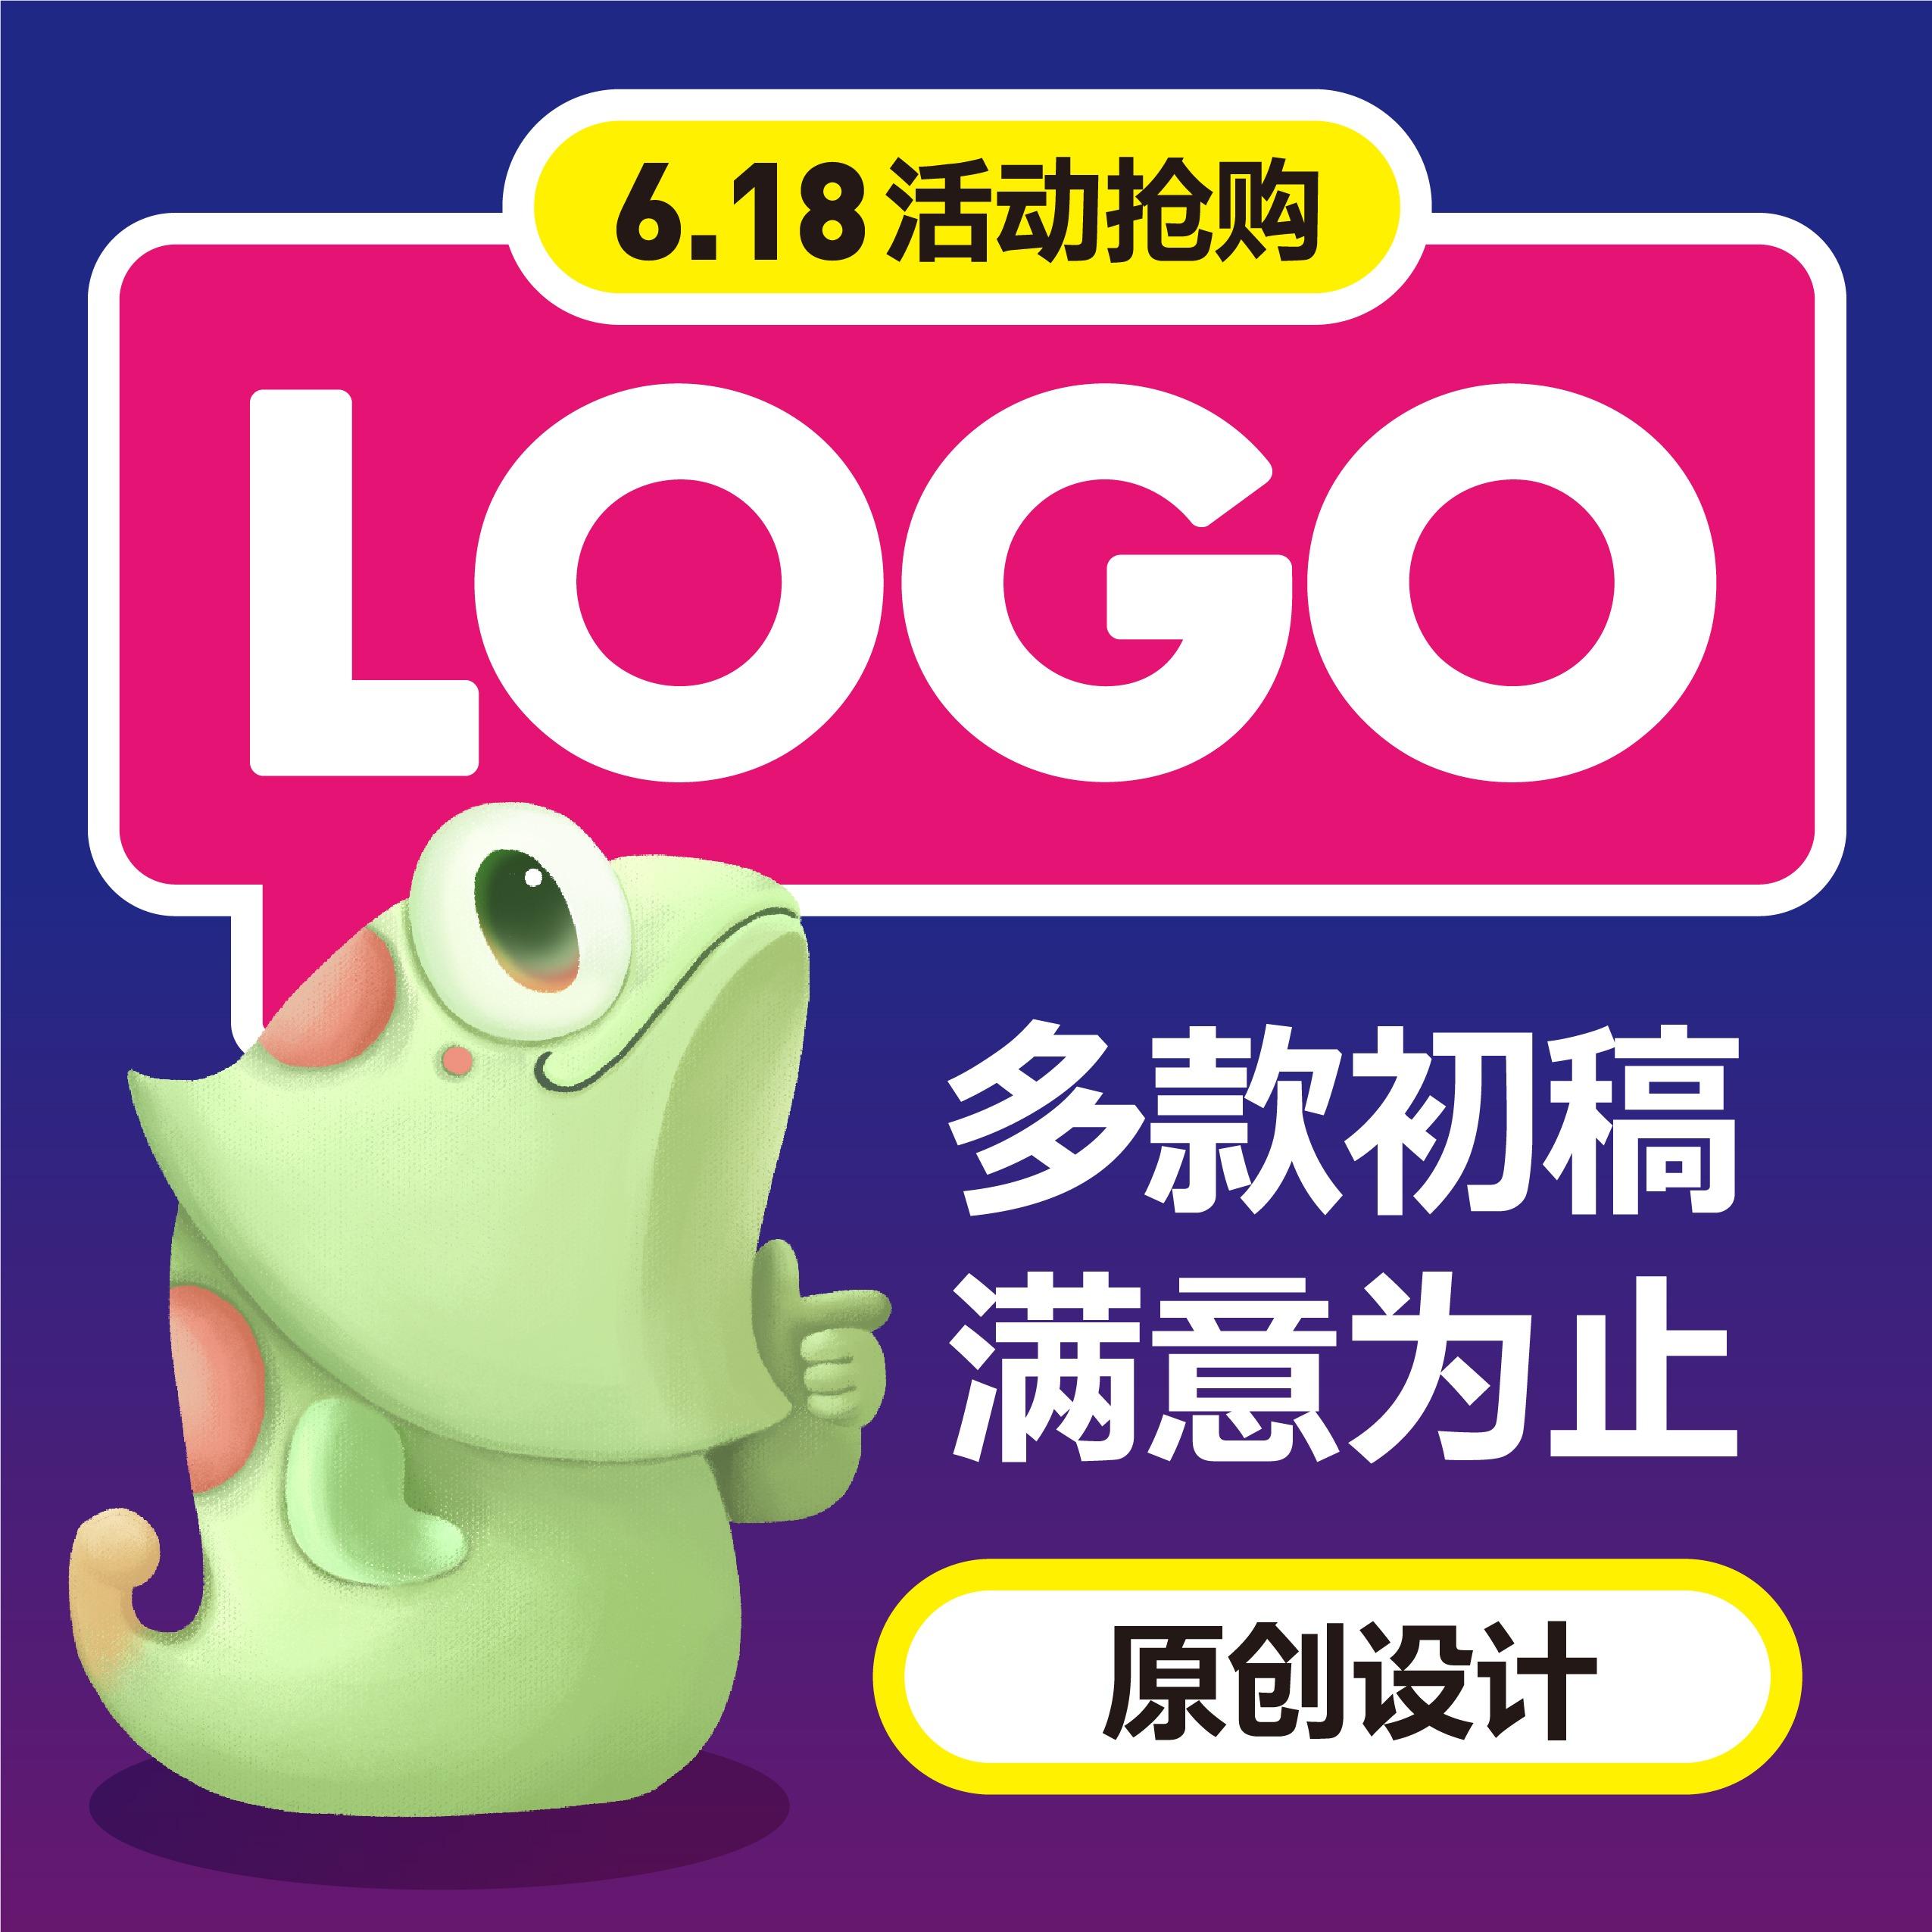 创业logo设计企业商标品牌设计公司标识英文标志卡通LOGO